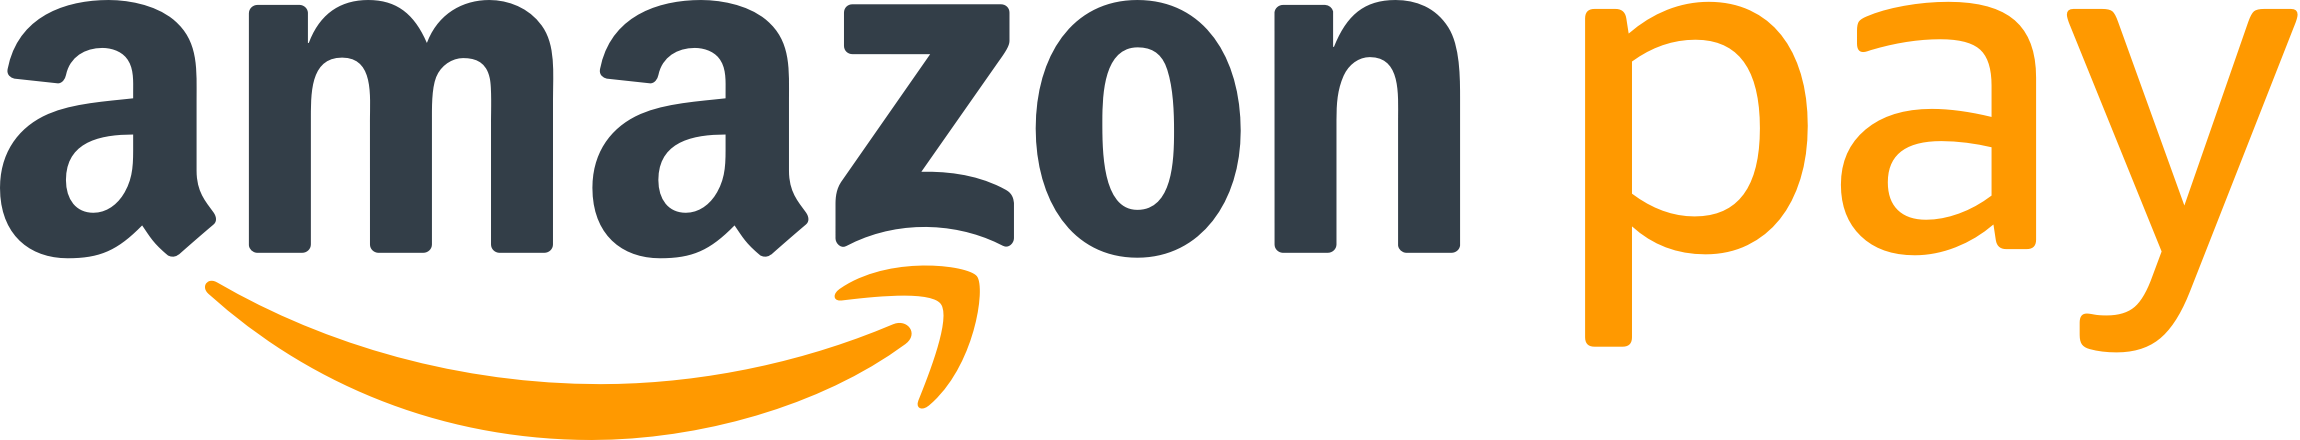 Amazon Pay macht das Einkaufen einfacher und bequemer, da Sie die Informationen, die in Ihrem bestehenden Amazon-Konto hinterlegt sind nutzen können, um den Einkauf auf Speeda abzuschließen. Mit Amazon Pay ermöglichen wir Ihnen sicheres Onlineshopping.